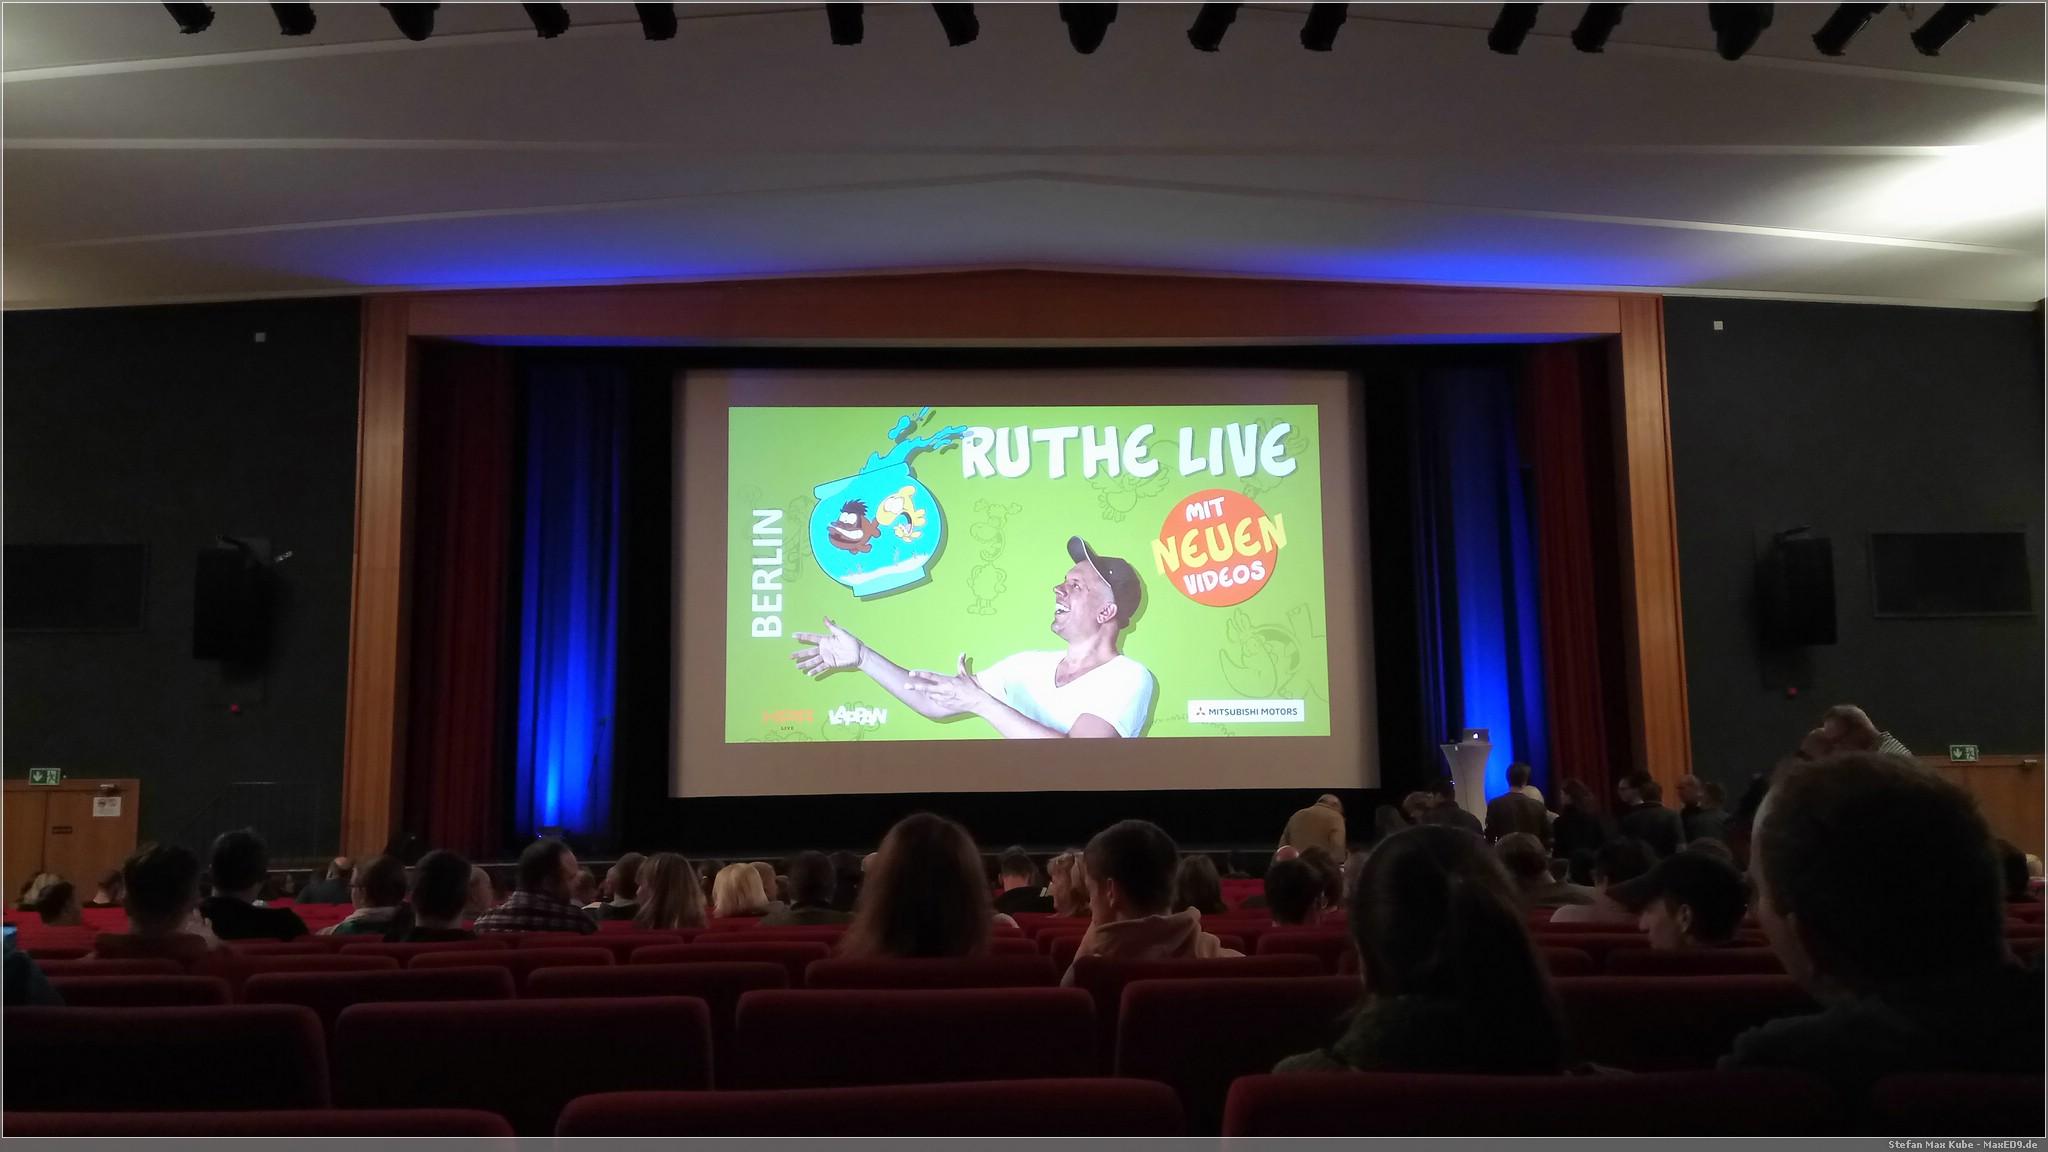 gelacht: Ralph Ruthe live